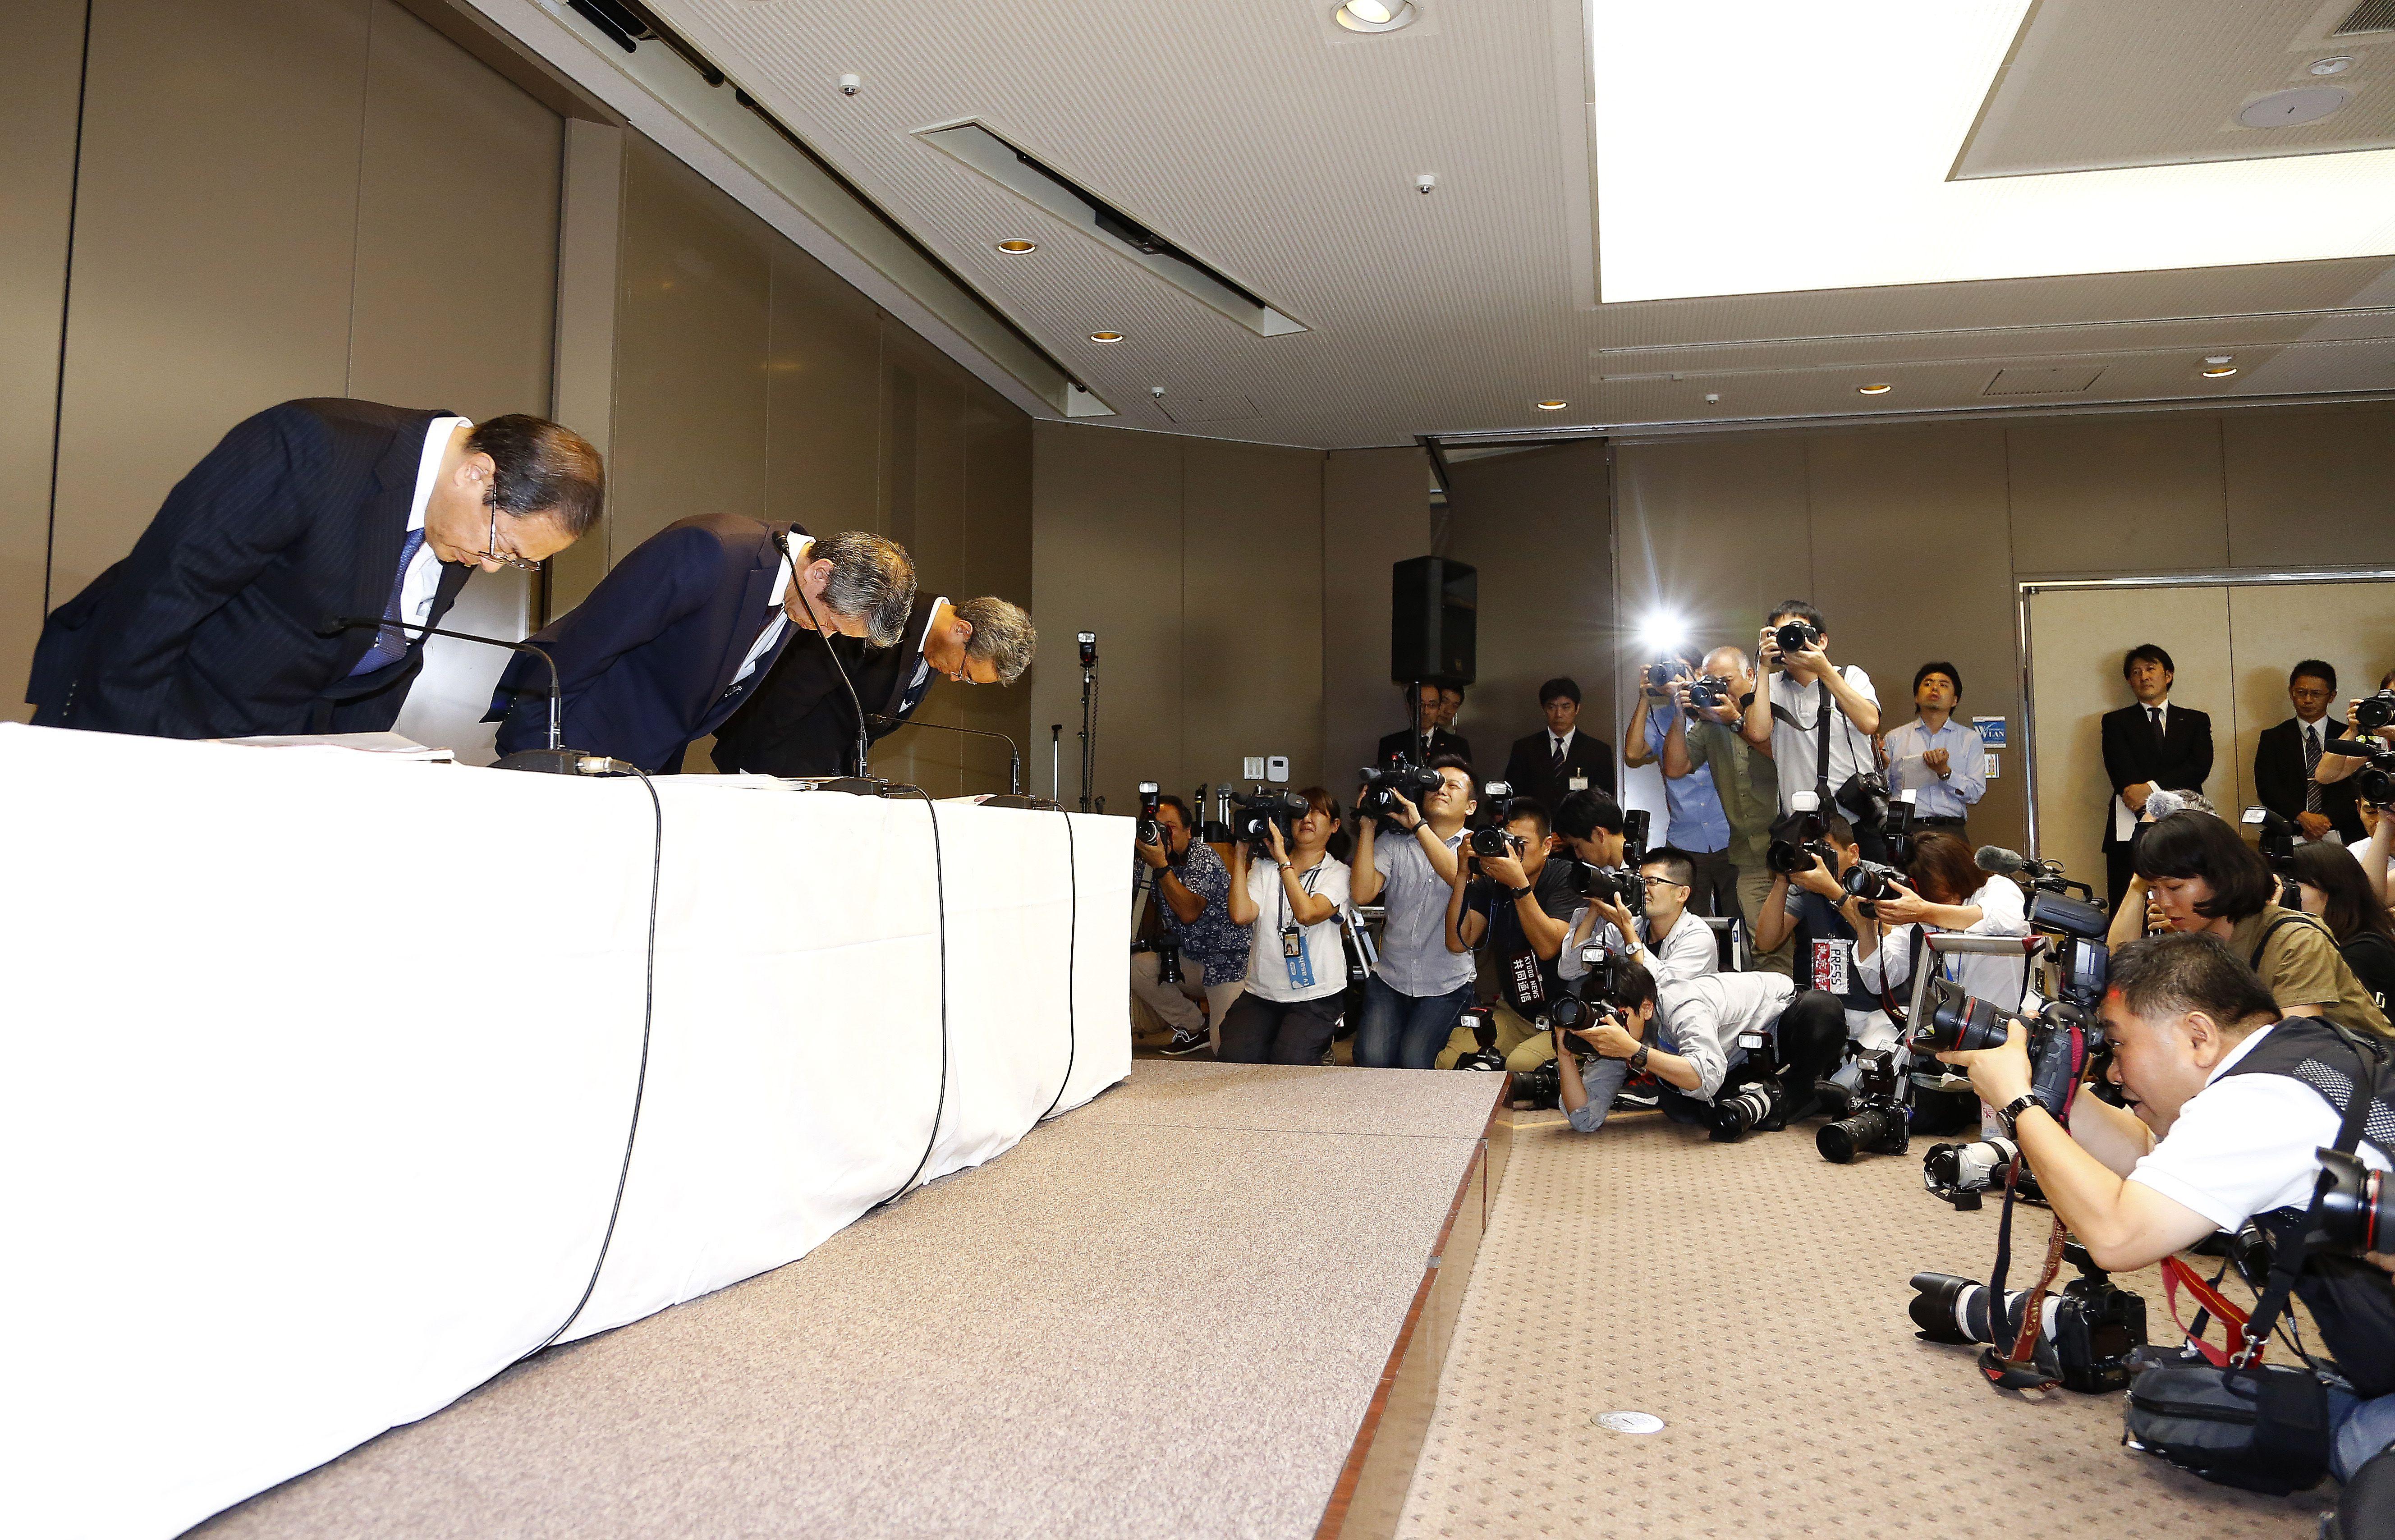 CEO de Toshiba y 8 directivos más renuncian tras escándalo